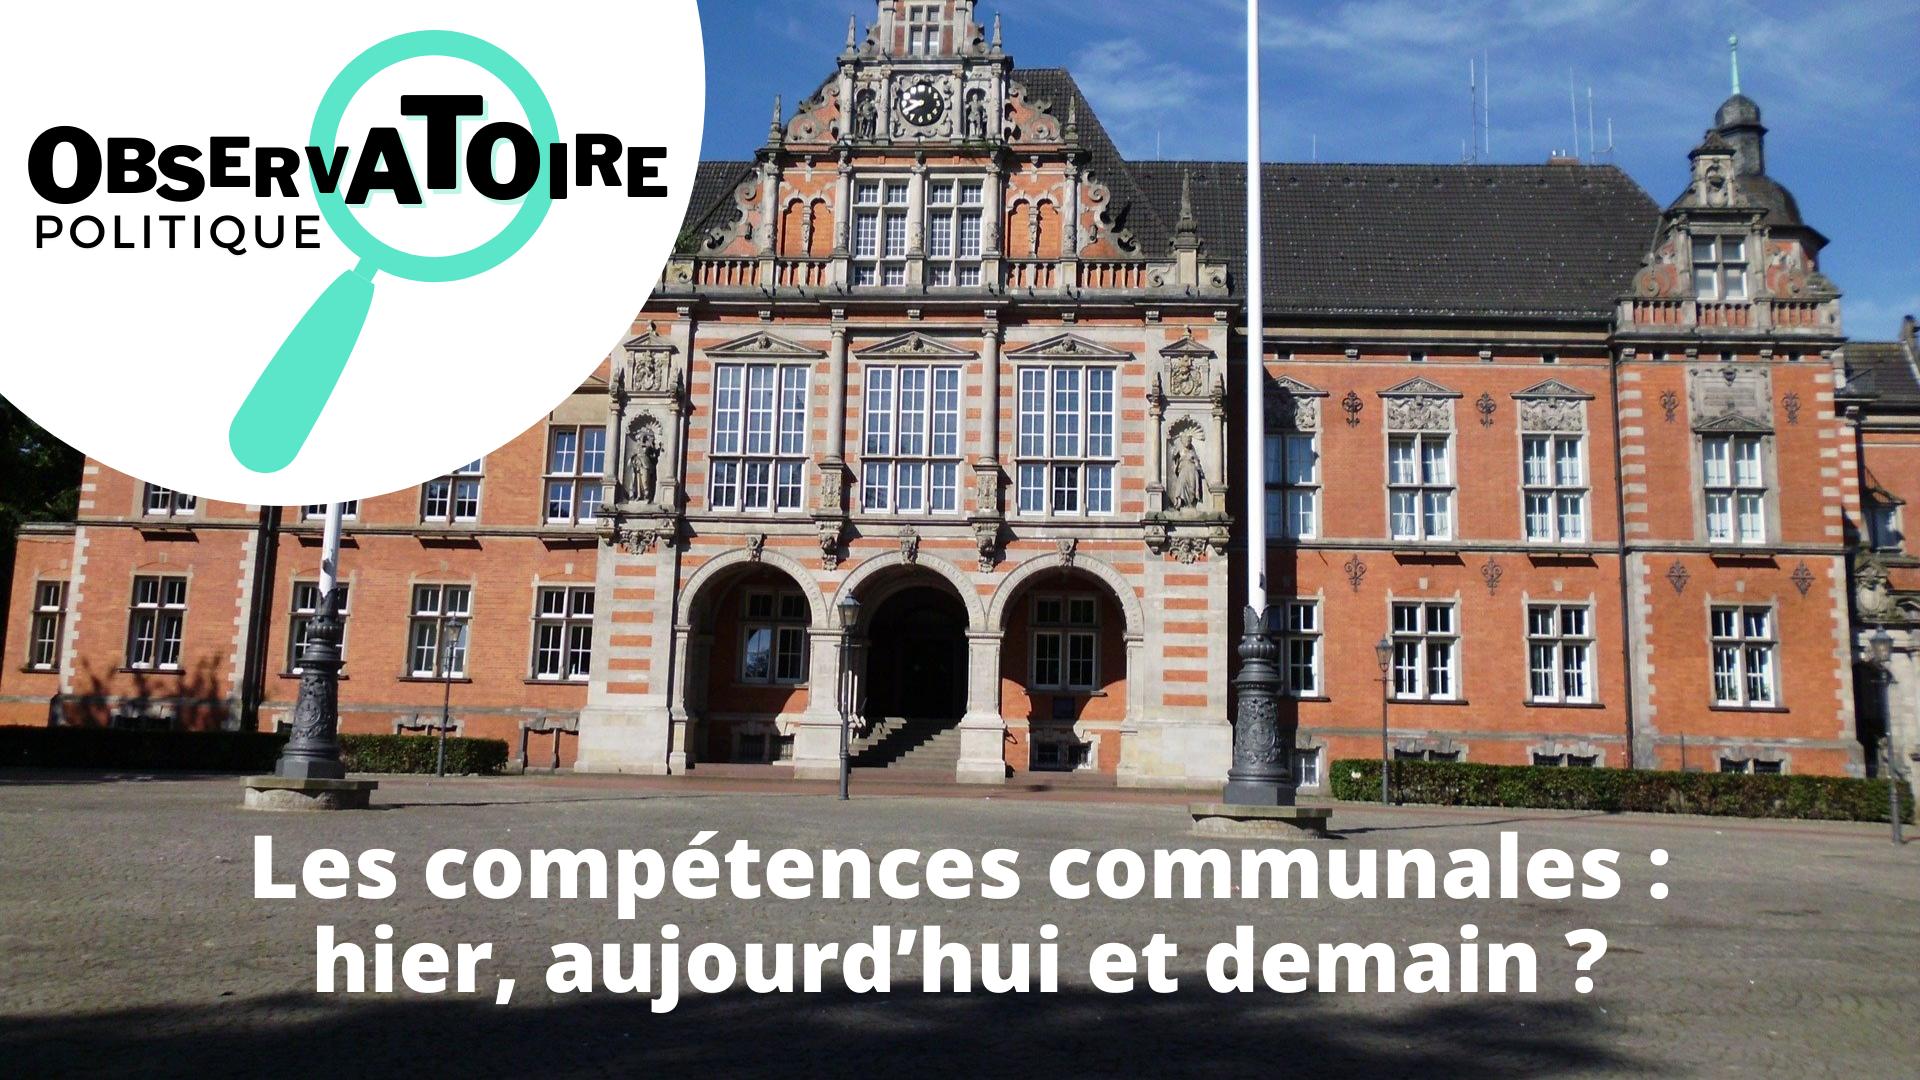 Observatoire politque competences communales